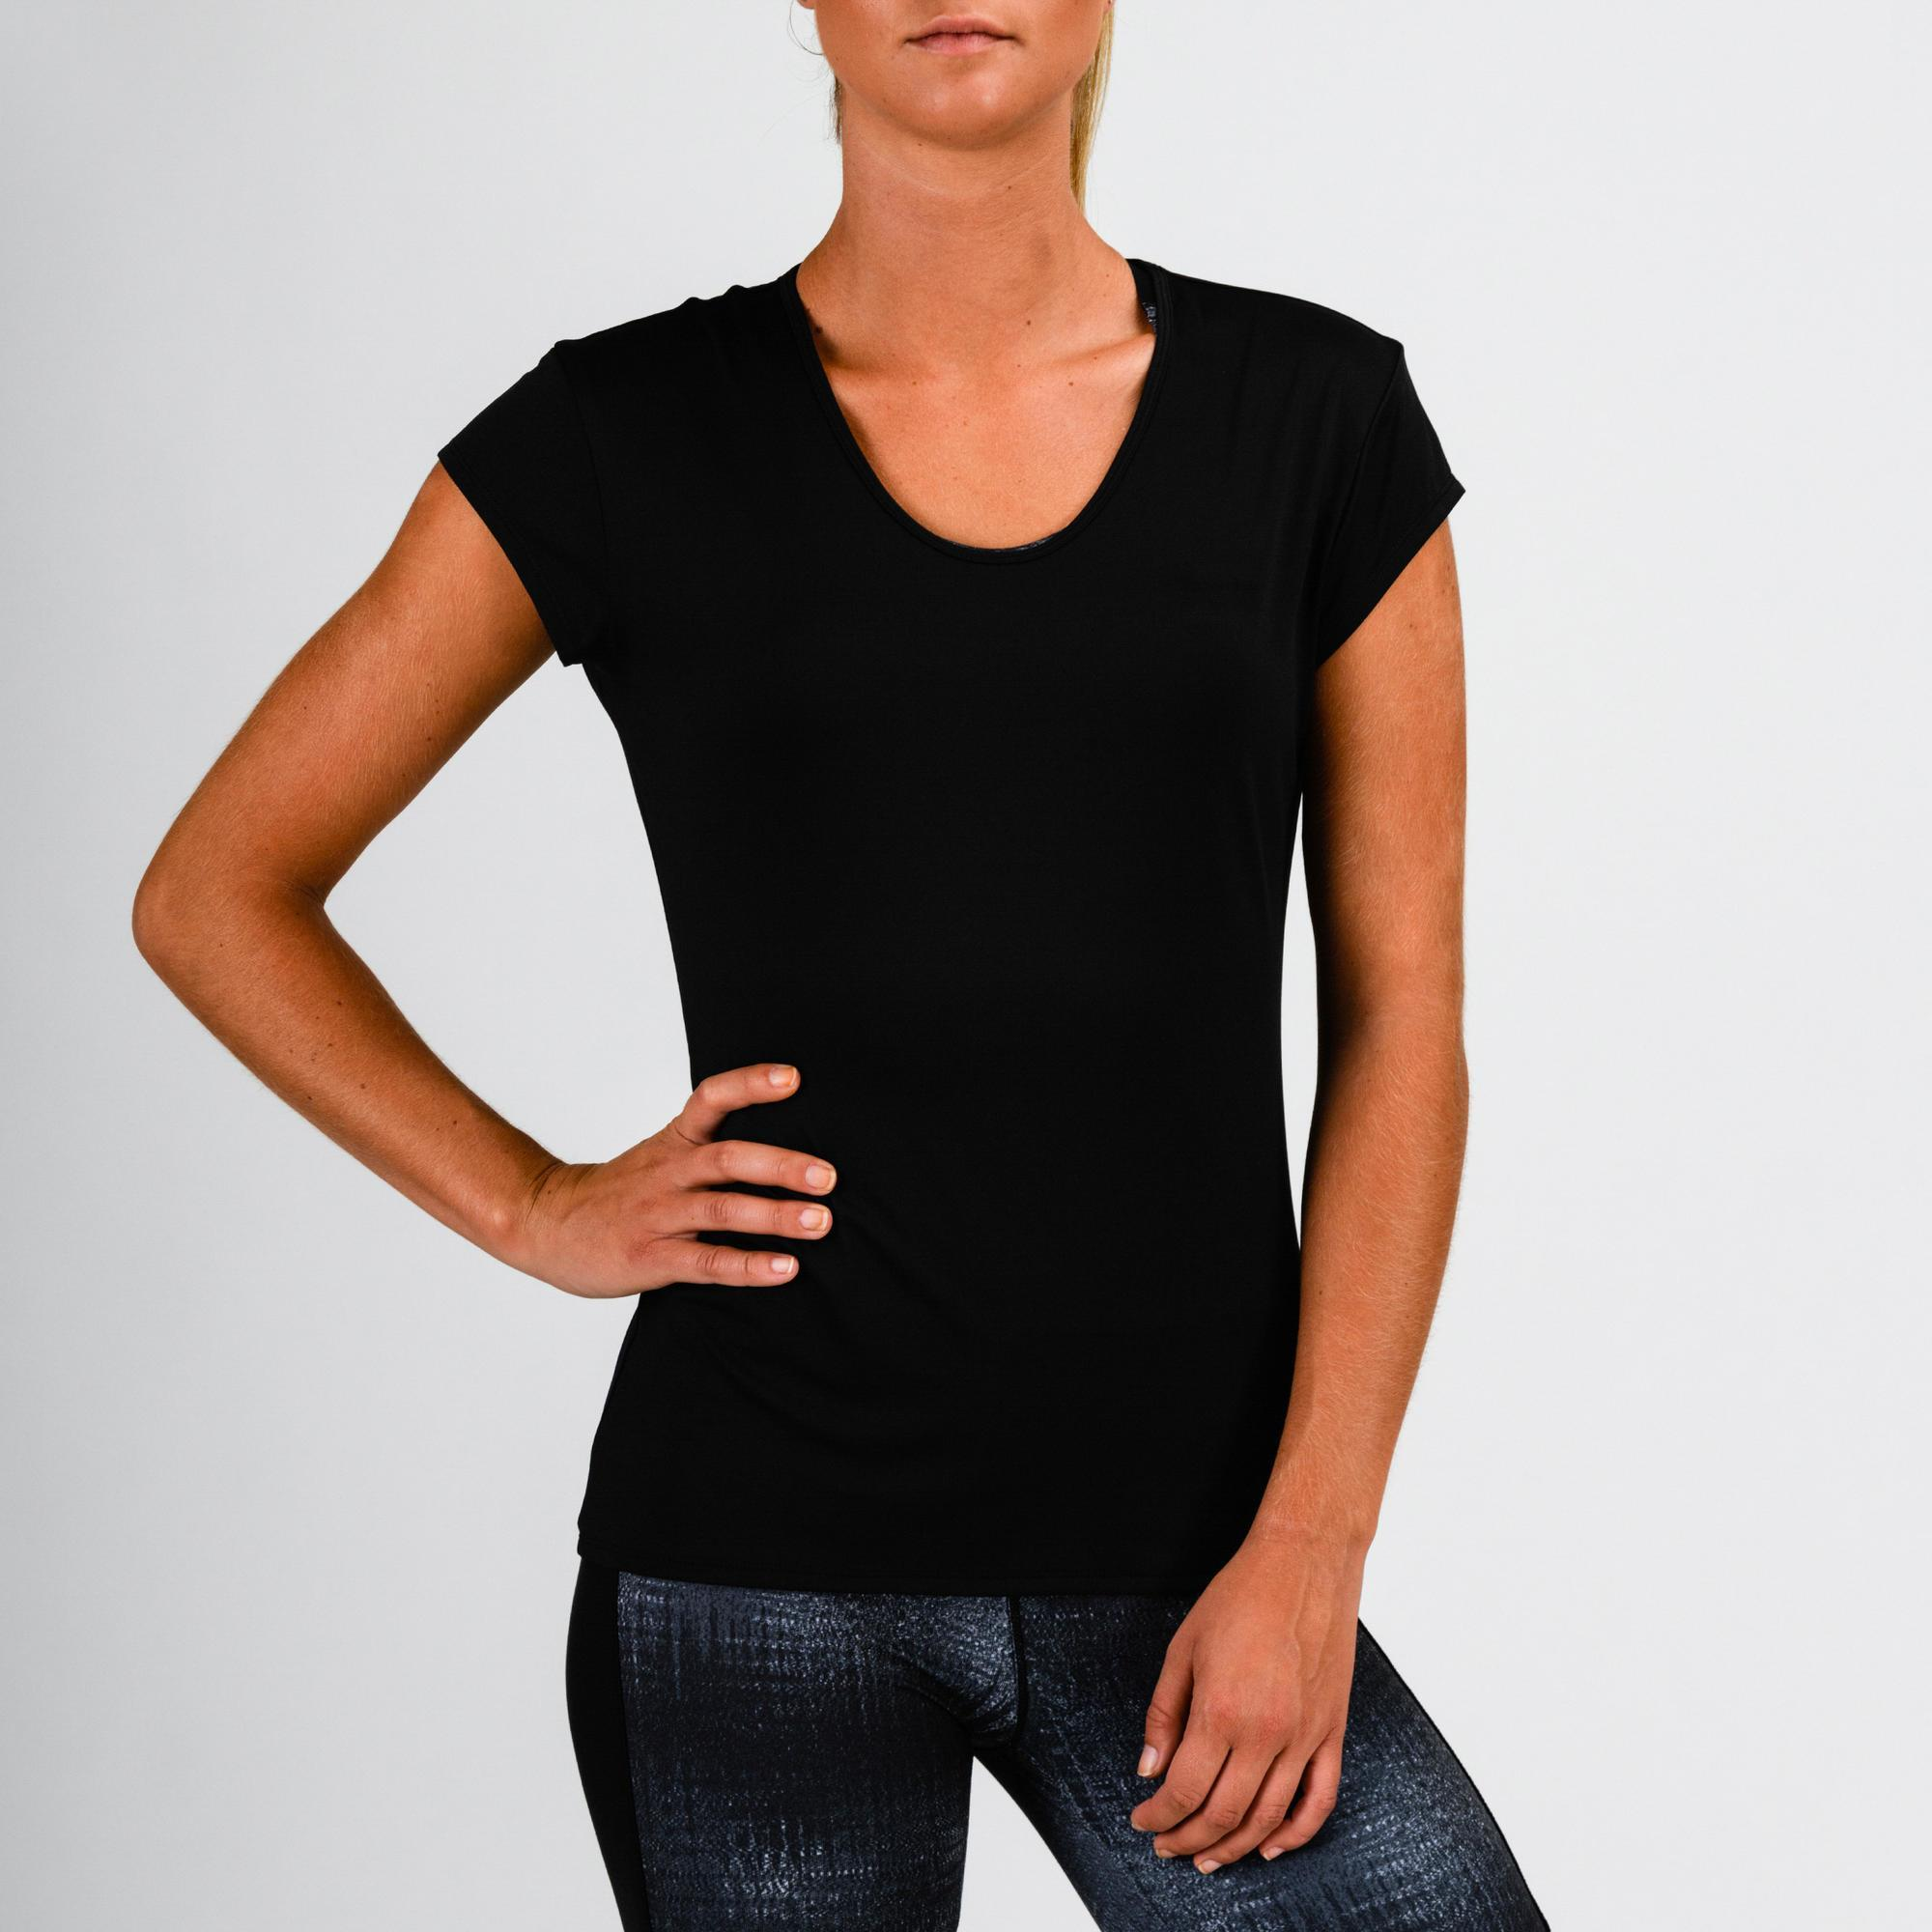 539070b0f3 Camiseta Manga Corta Deportiva Fitness Cardio Domyos 100 Mujer Negro Domyos  | Decathlon